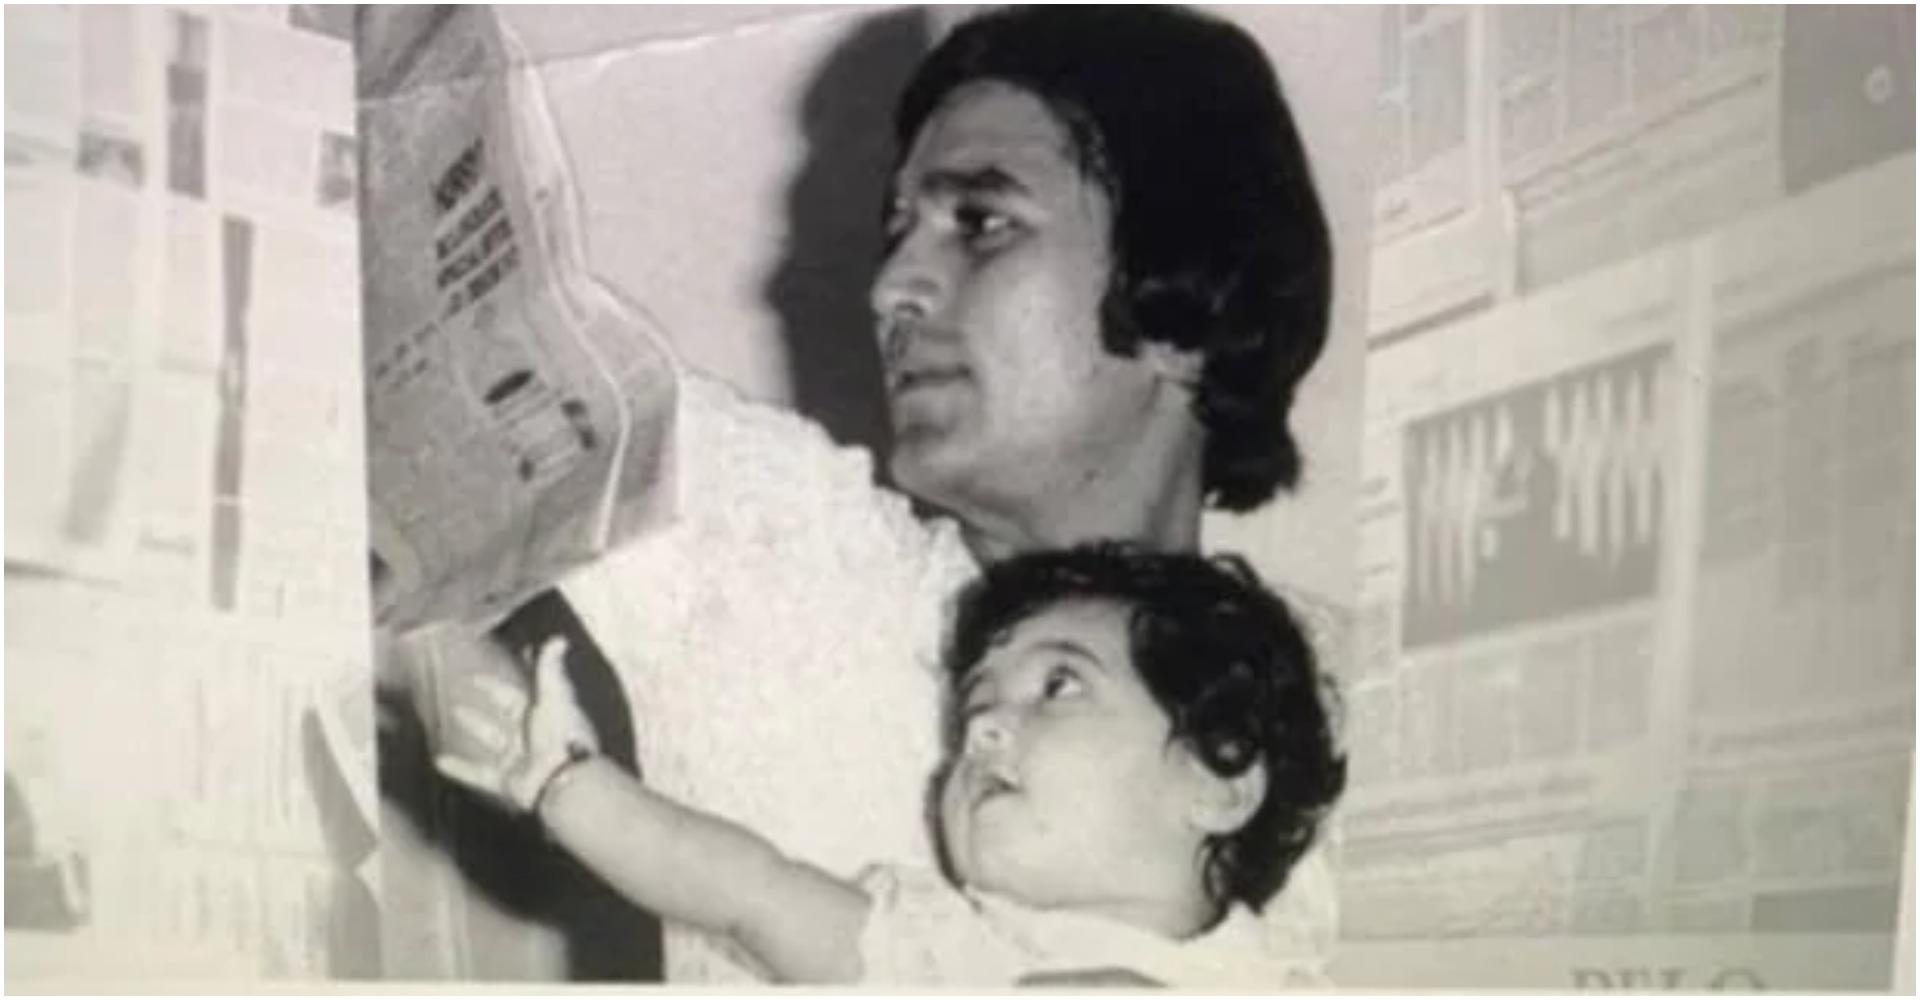 Father's Day 2020: ट्विंकल खन्ना को आई पिता राजेश खन्ना की याद, तस्वीर शेयर कर लिखी दिल की बात